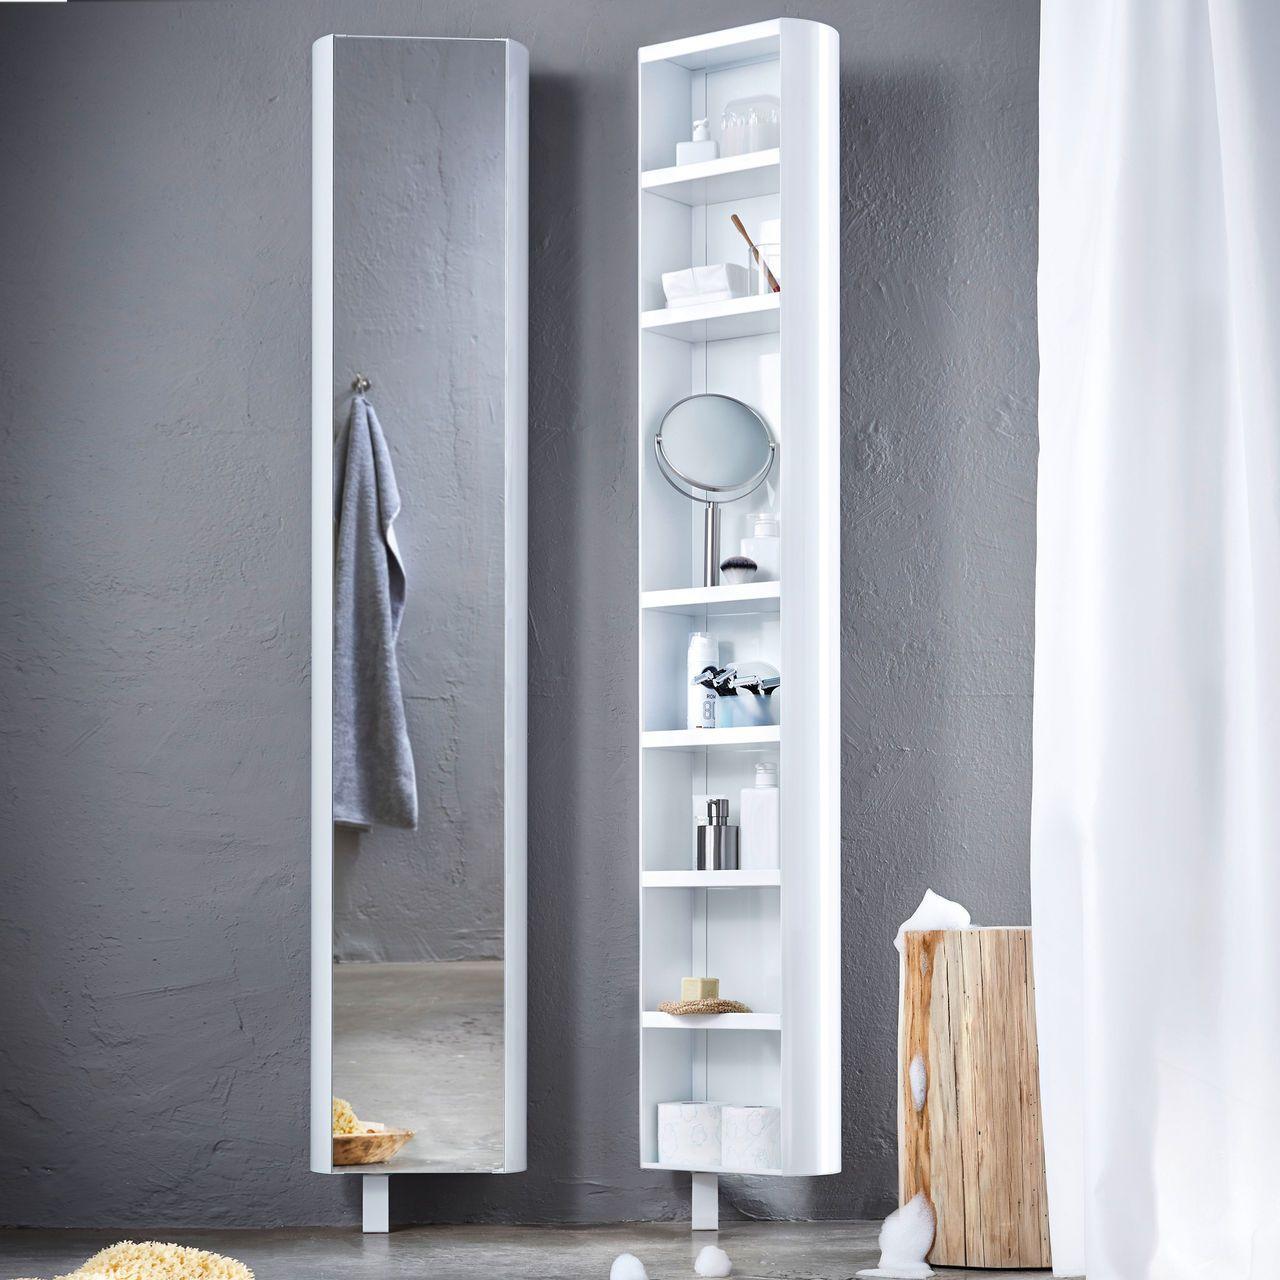 dieses regal hat den dreh raus wanddrehregal multi tube von jan kurtz wohnen m bel regal. Black Bedroom Furniture Sets. Home Design Ideas